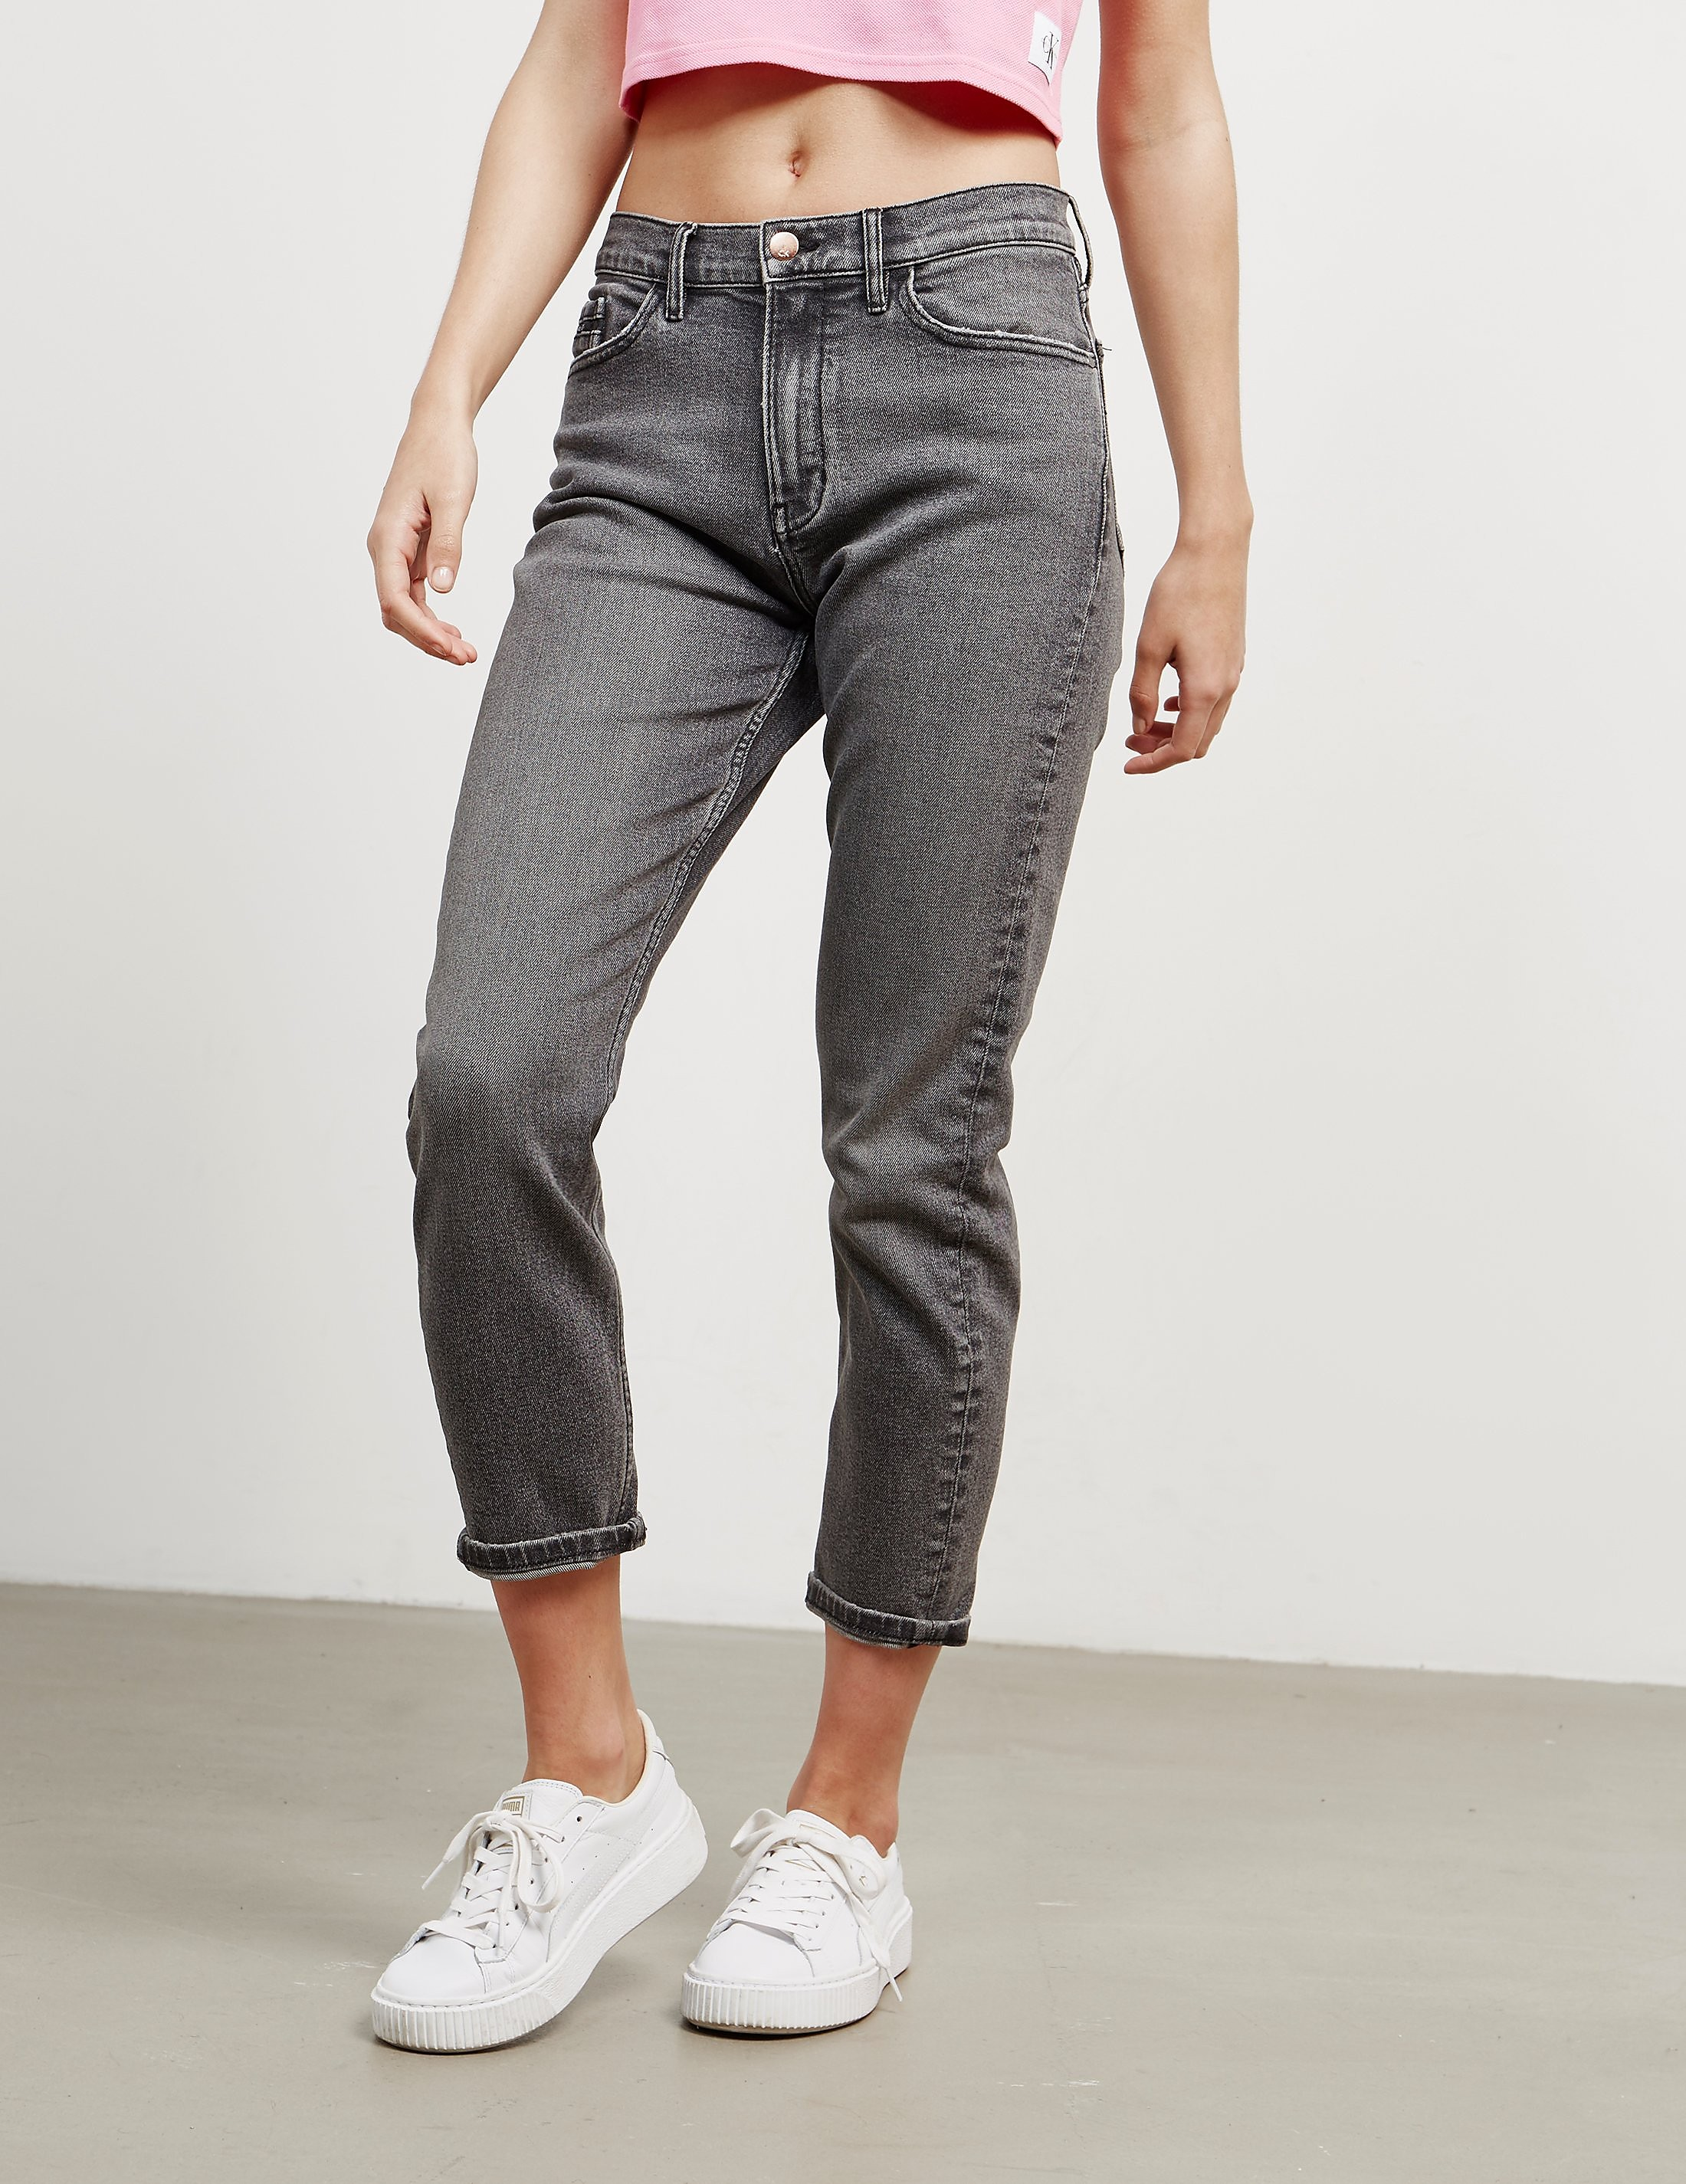 Calvin Klein High Rise Slim Fit Jeans